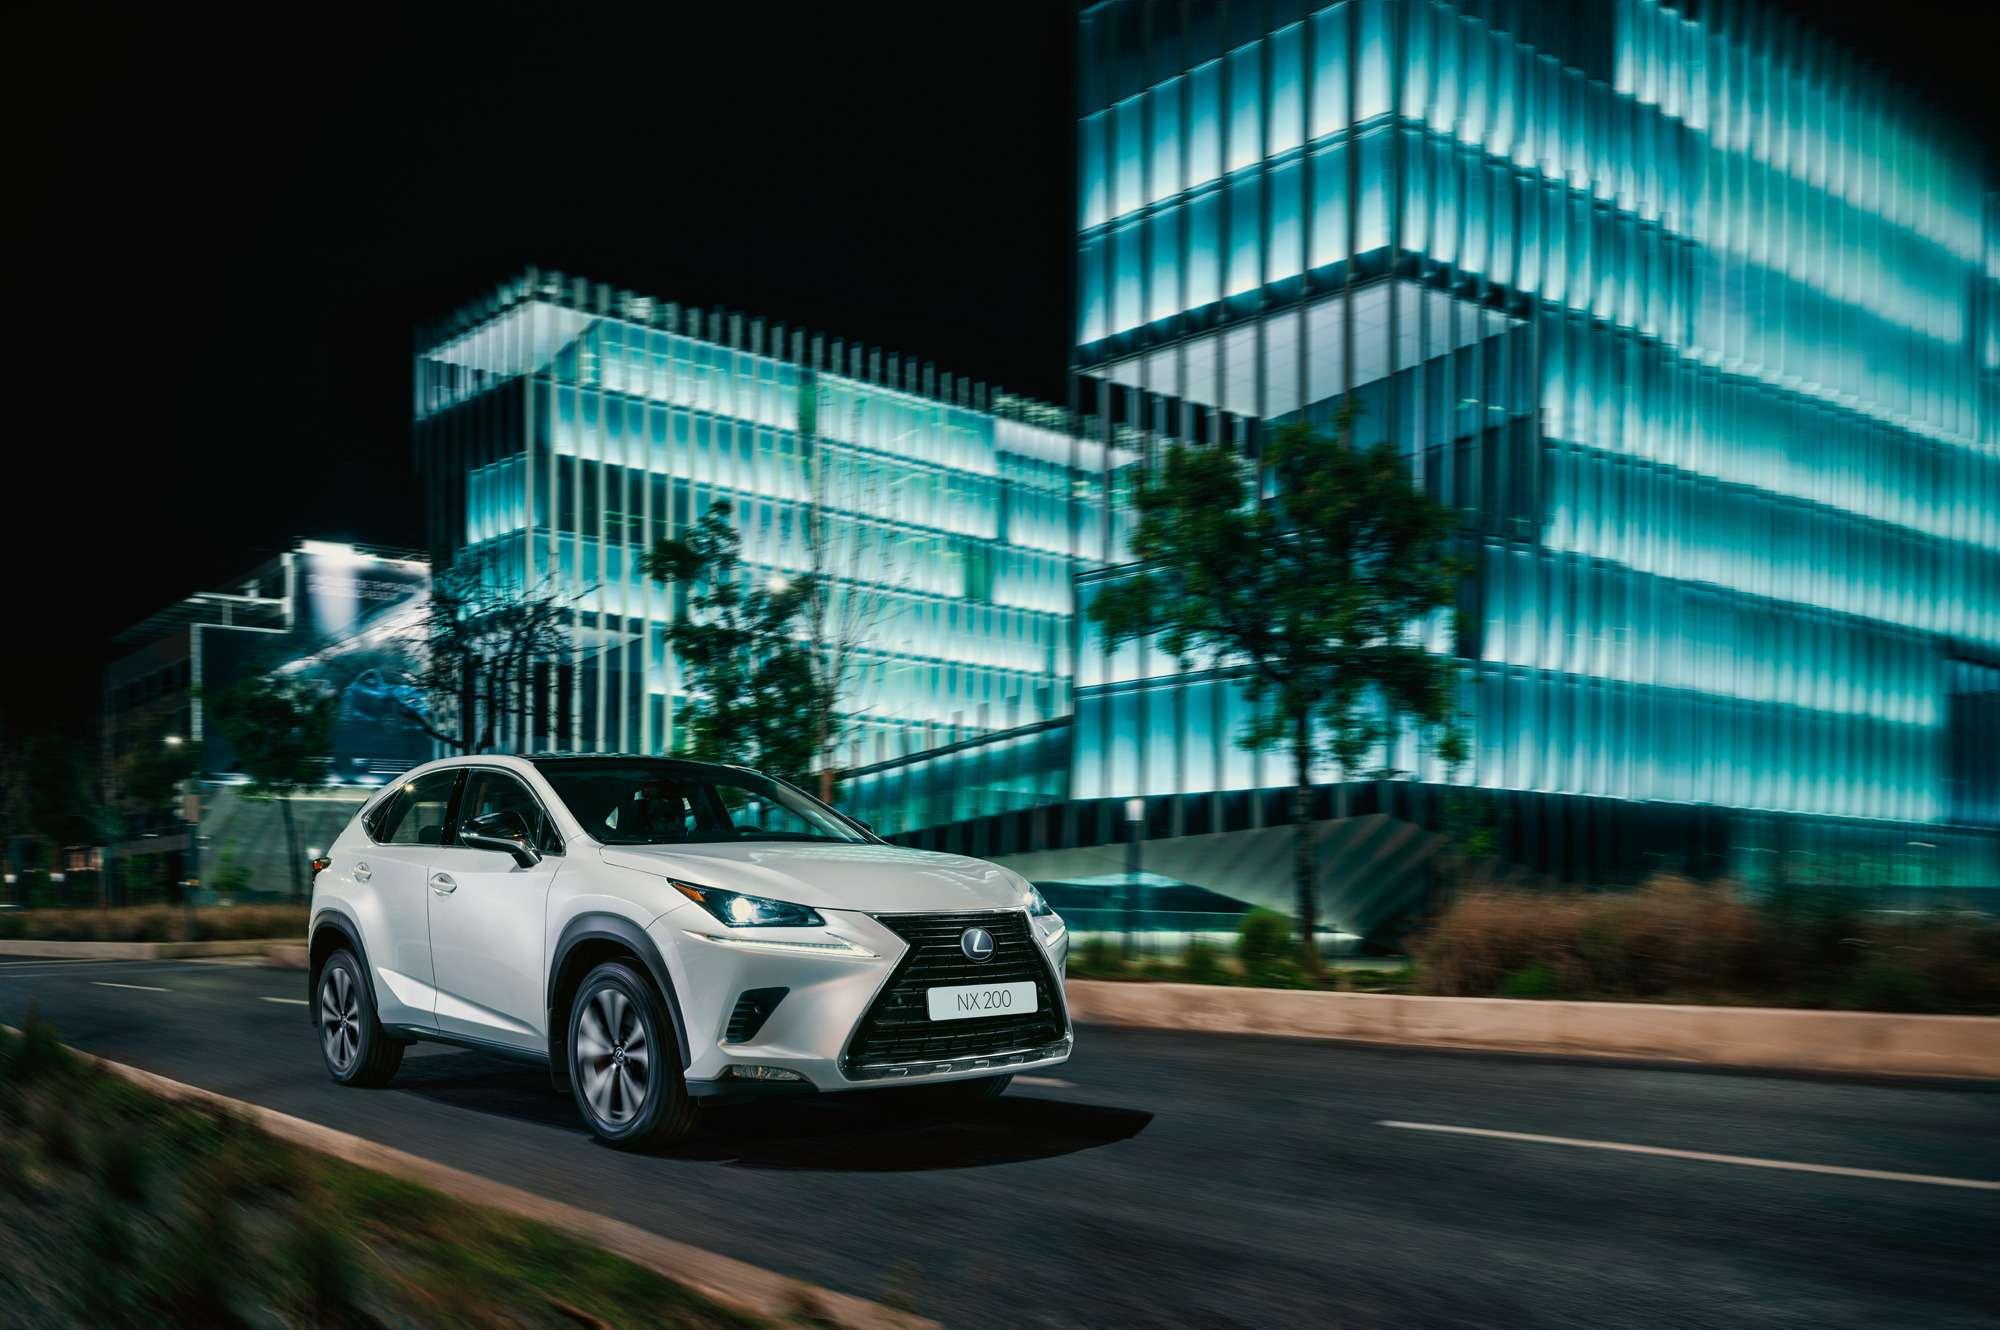 Lexus привезет вРоссию спецверсию Black Vision кроссовера NX